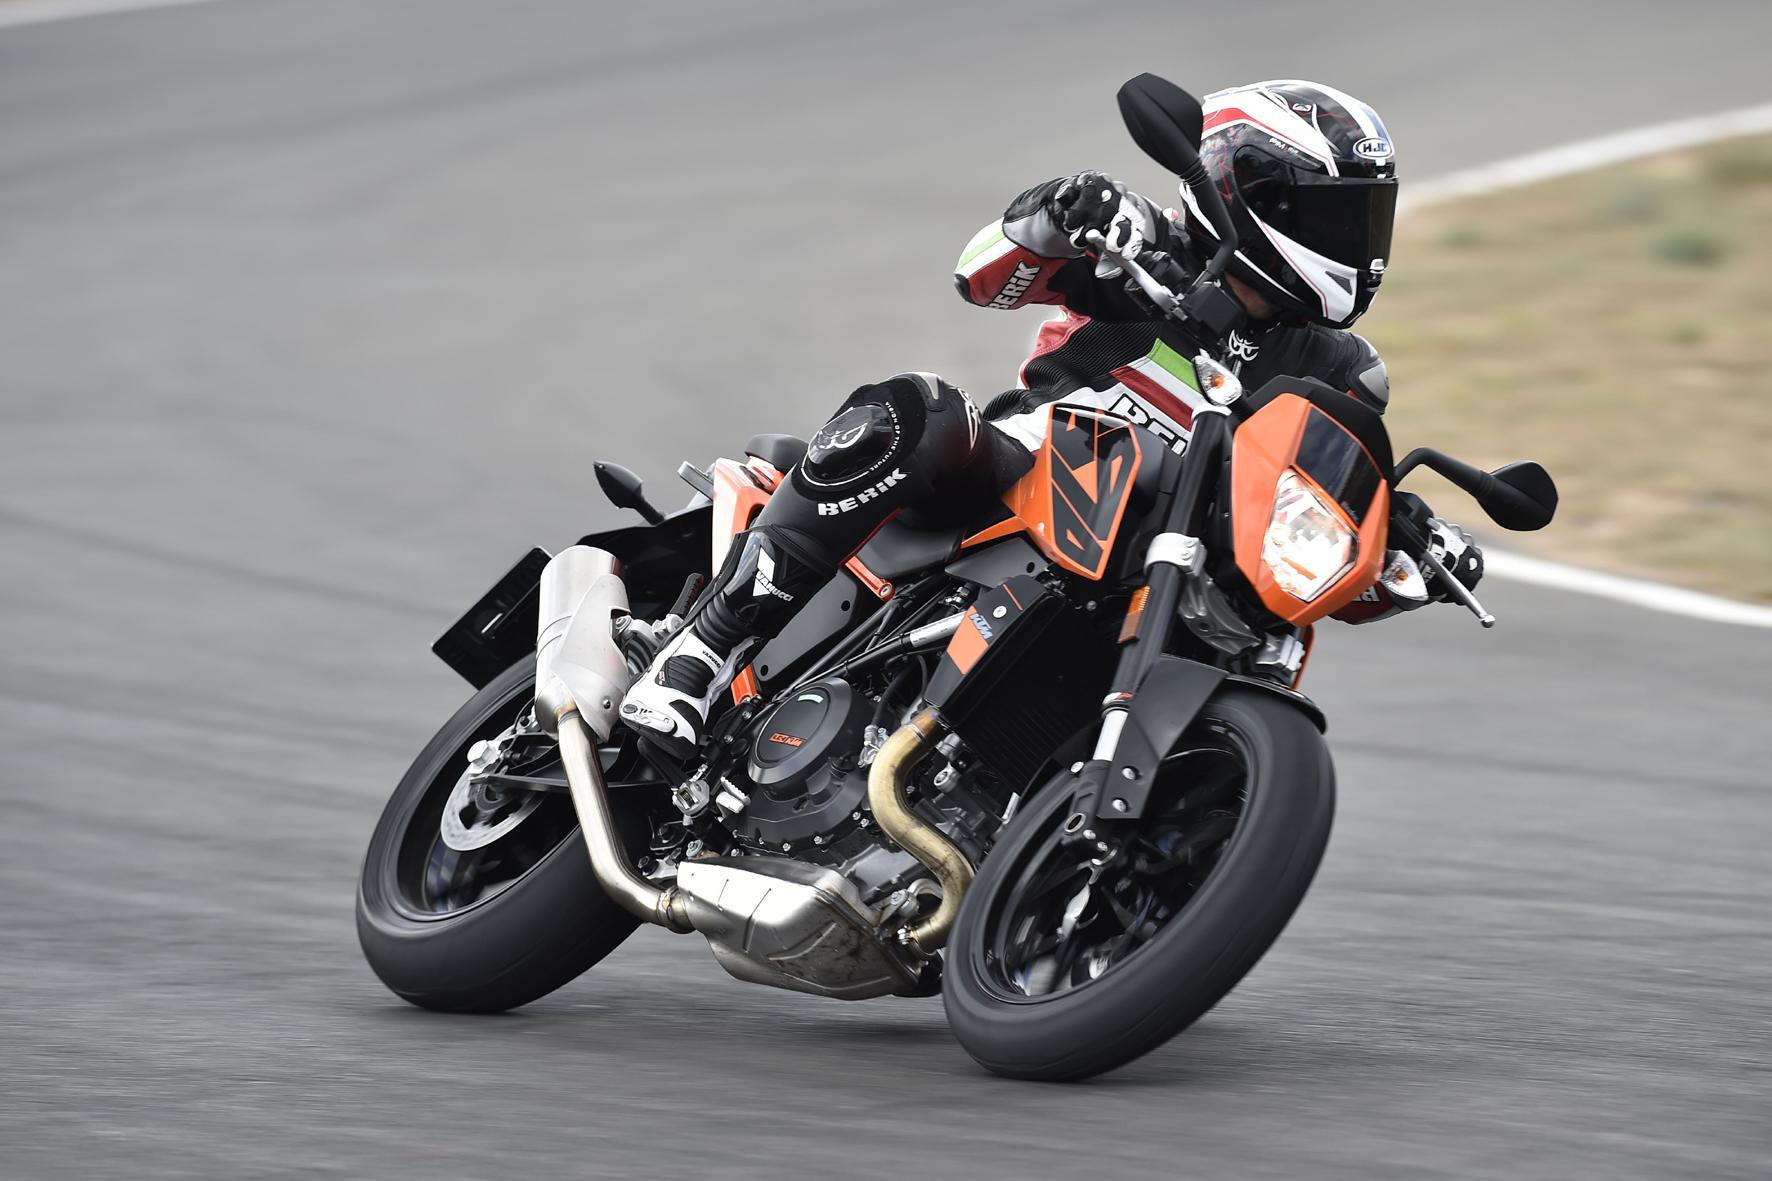 mid Gran Canaria - Die fünfte Generation der KTM Duke tritt so sportlich, stark und modern wie noch nie auf.